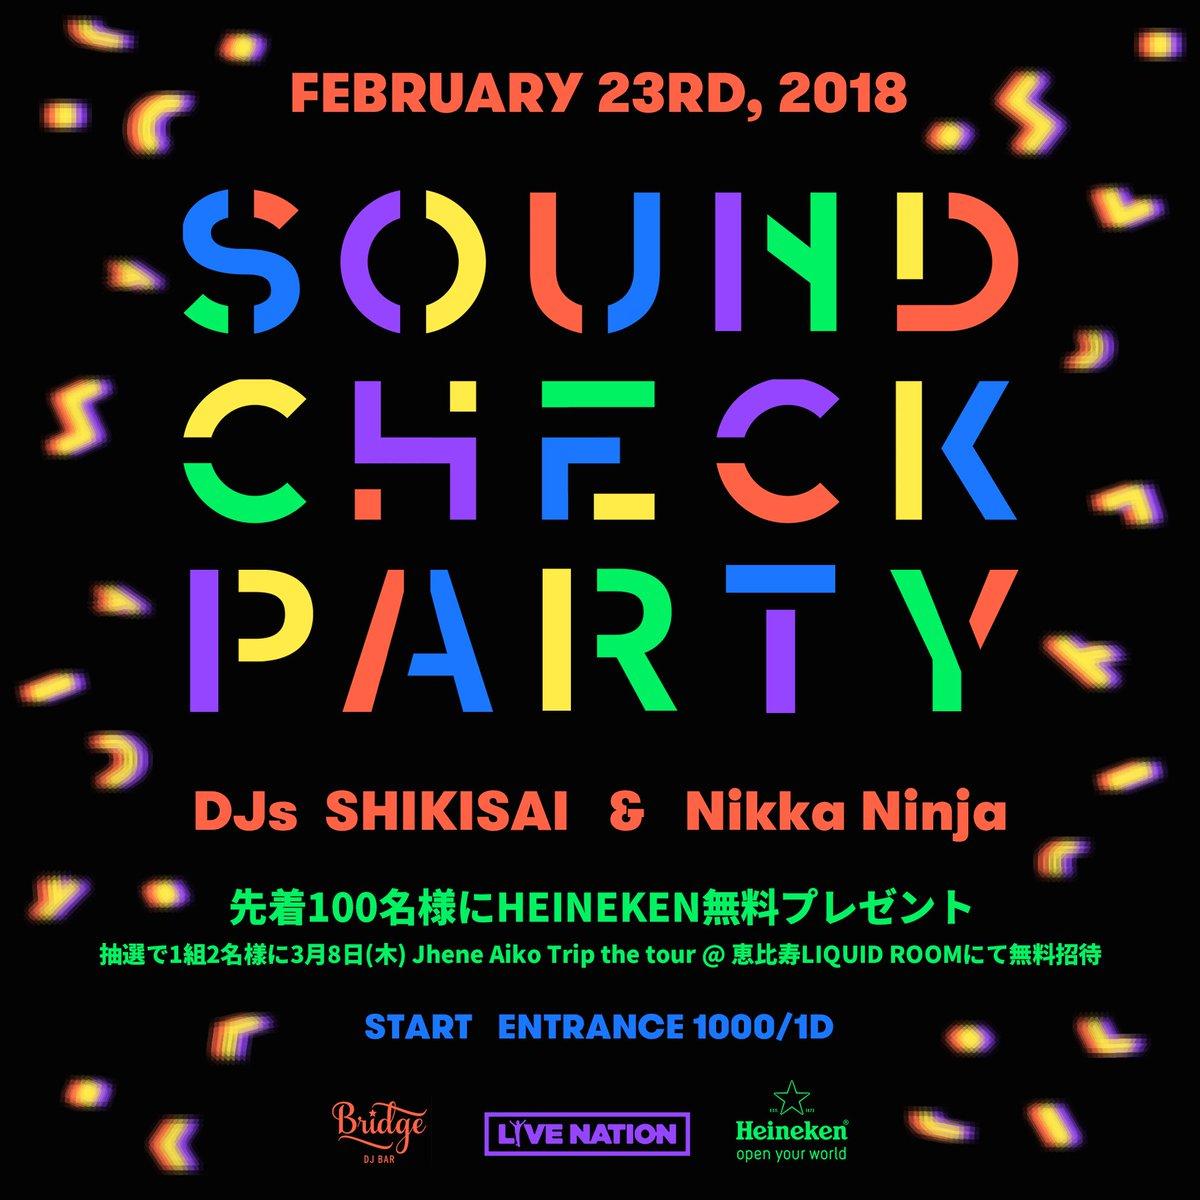 今週金曜、2月23日の19:00〜22:00まで渋谷BRIDGEにてSOUNDCHECK PARTY開催します🔥場所の詳細などの情報をチェックするには画像をご覧ください♥️是非遊びに来てね☺️🙏 #soundcheckjp #soundcheckcontest #soundcheckparty https://t.co/5ONgb589k6